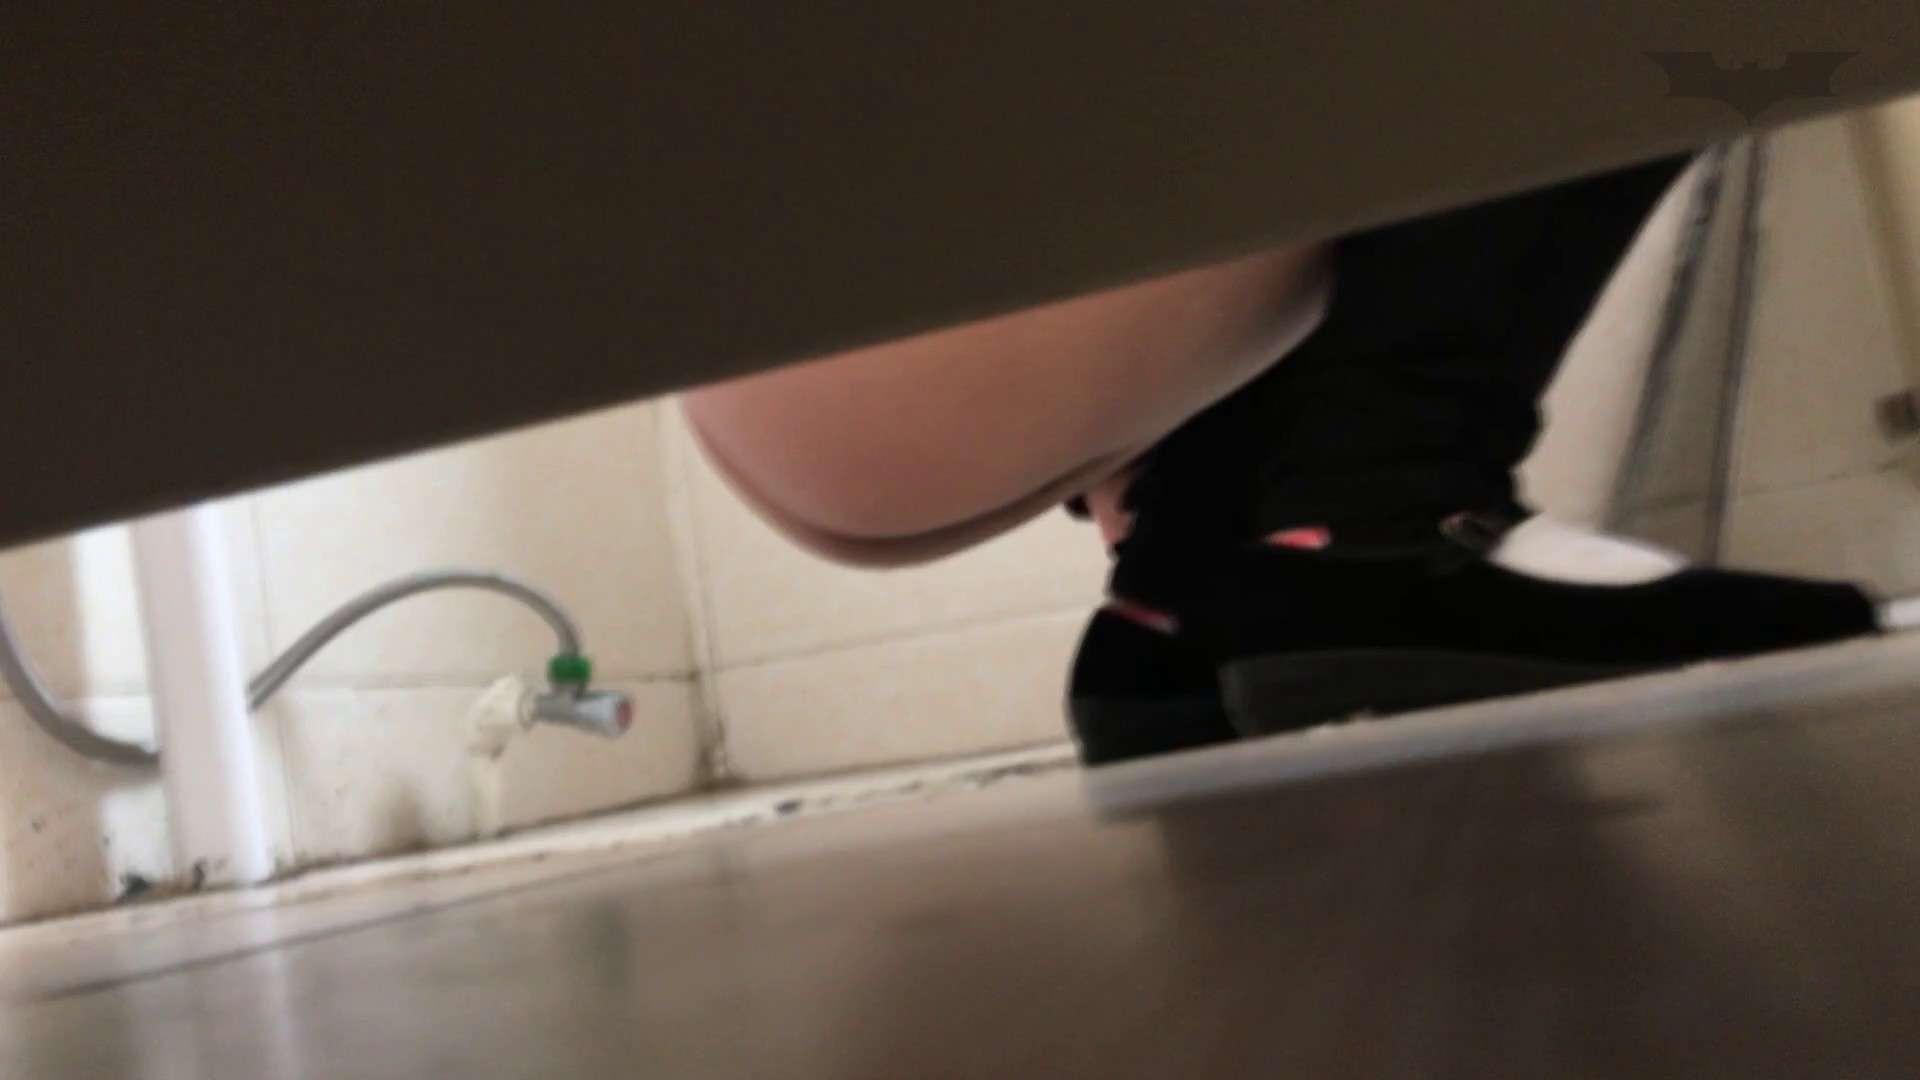 芸術大学ガチ潜入盗撮 JD盗撮 美女の洗面所の秘密 Vol.109 トイレの中の女の子 ヌード画像 93連発 63